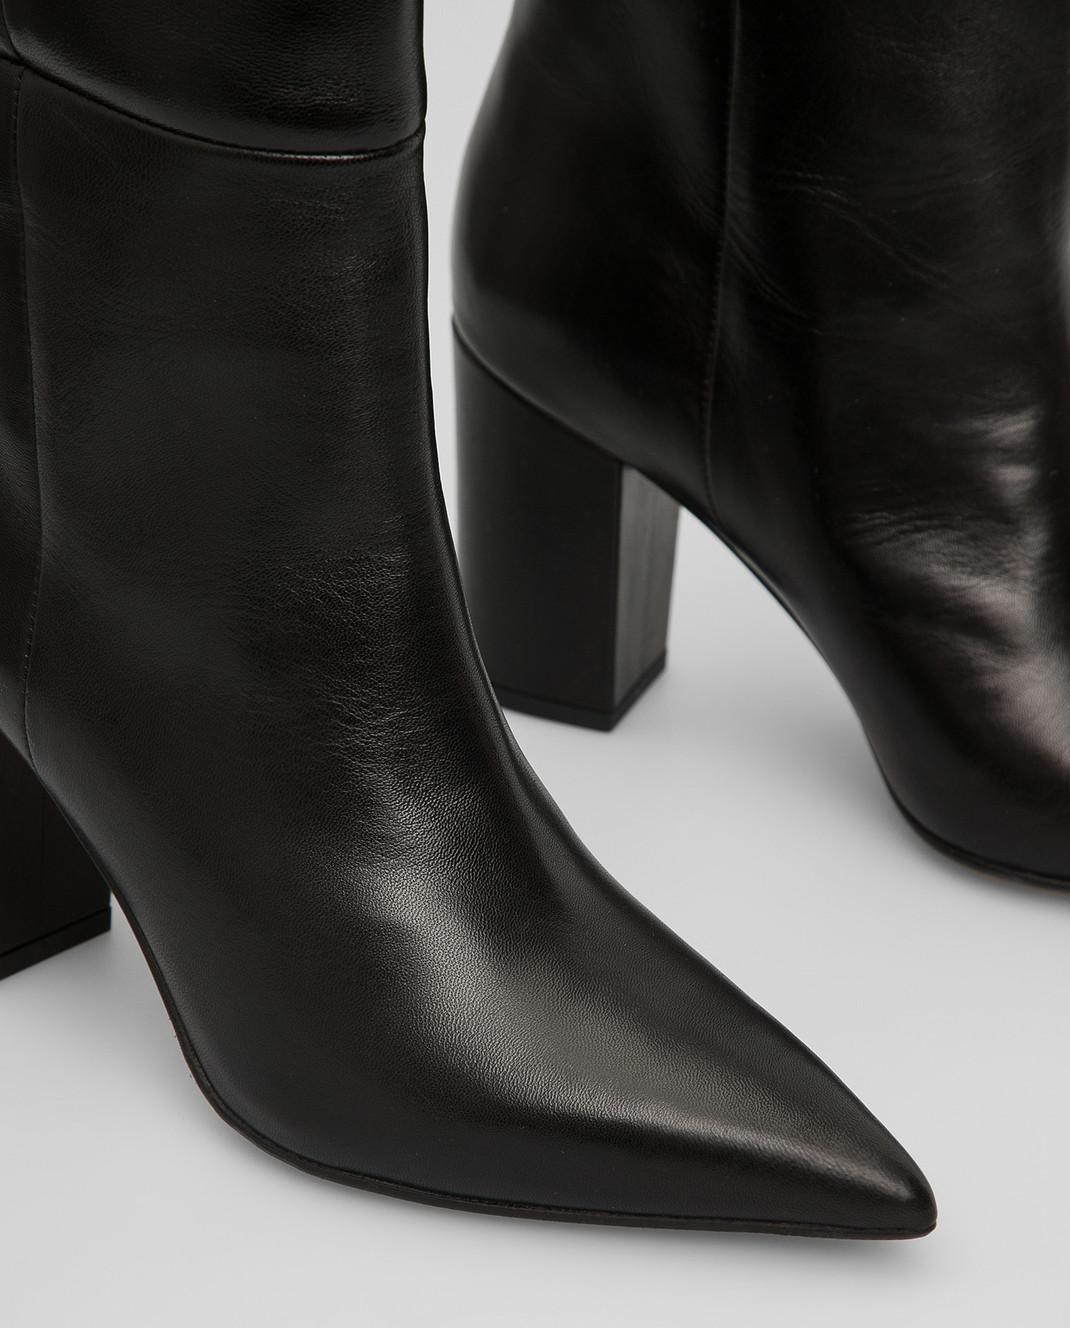 Babe Pay Pls Черные кожаные сапоги изображение 5